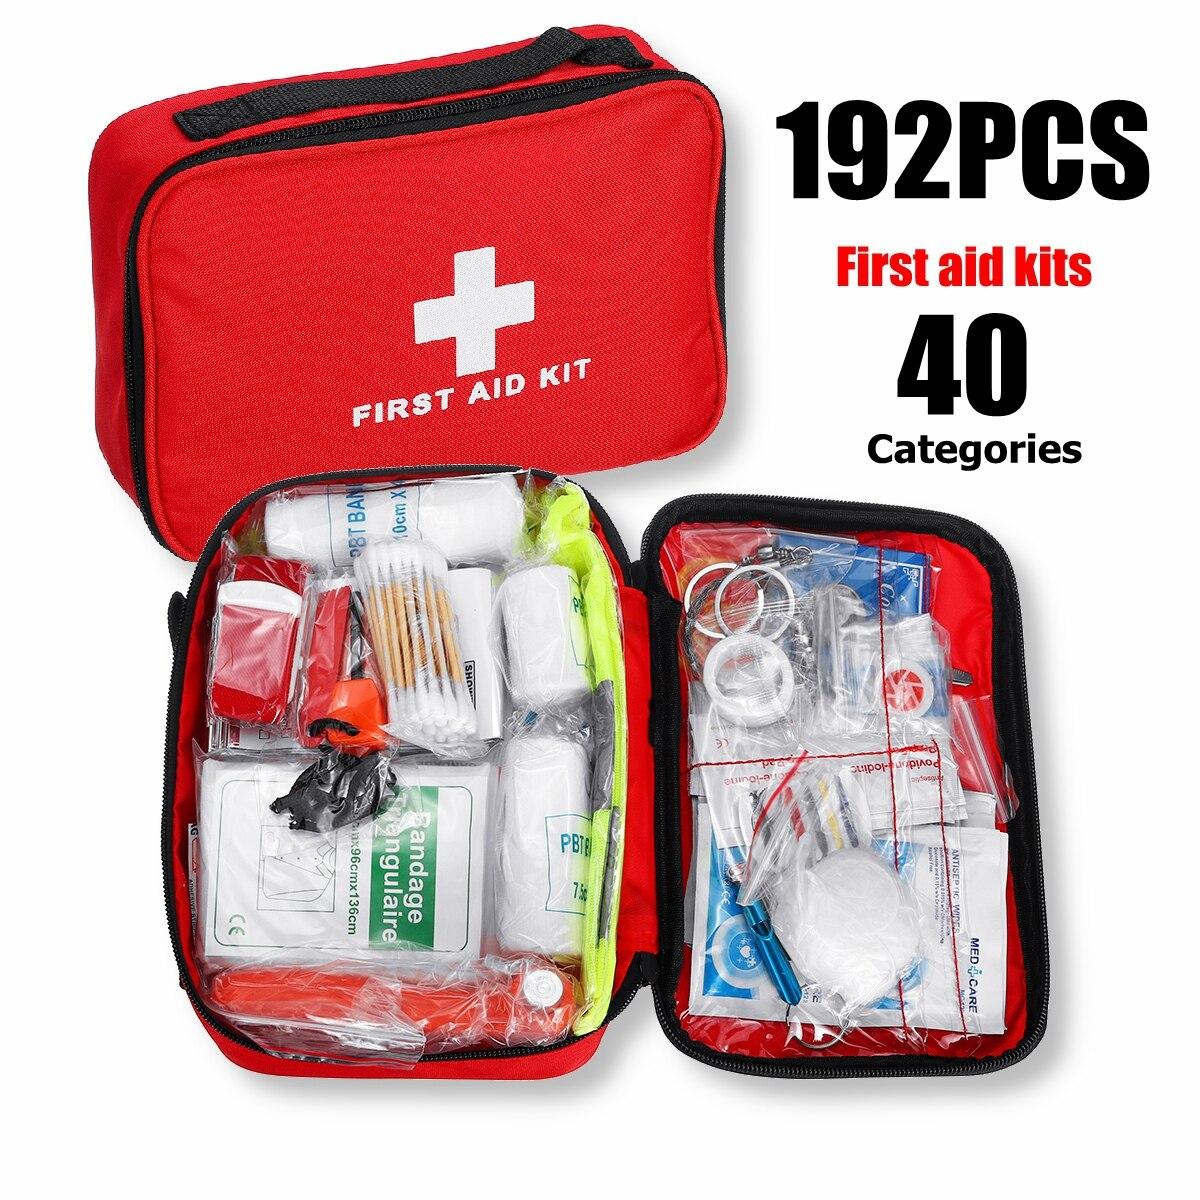 Mini Außen Erste Hilfe Kit 40 kategorien 192Pcs Tragbare Notfall Kits Reise Paket Für Medikamente Camping Medizinische Tasche